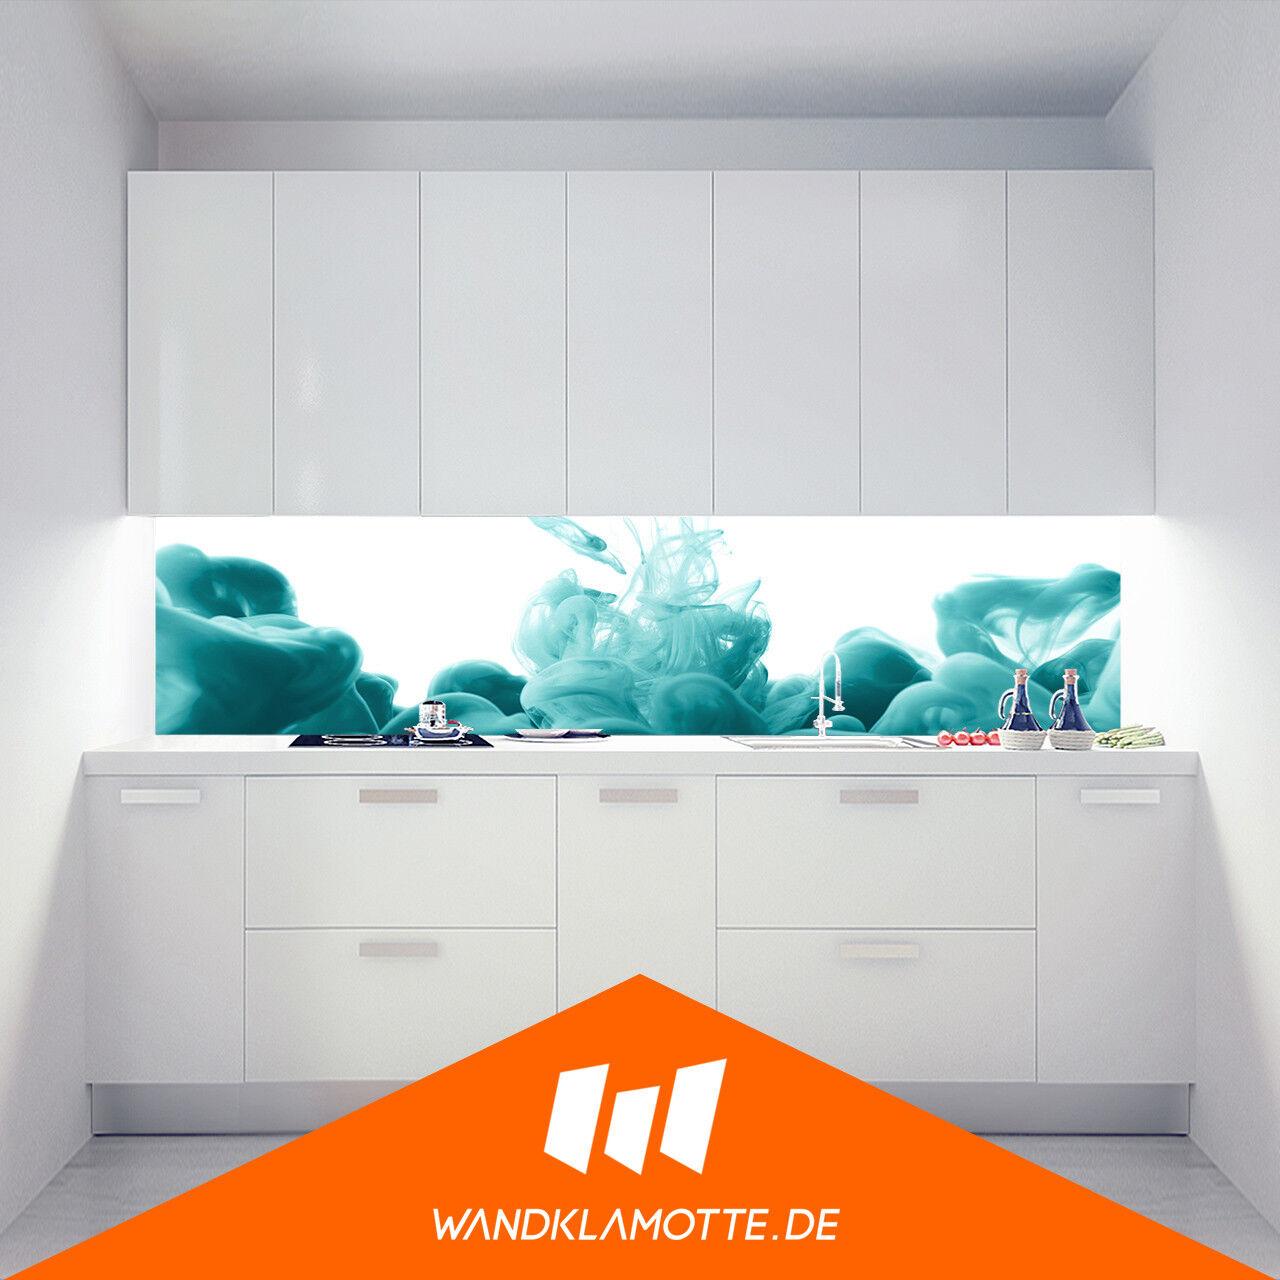 Étagère Murale Cuisine Acrylique Verre Cuisinière Garde-Boue Couleur Vape Bleu